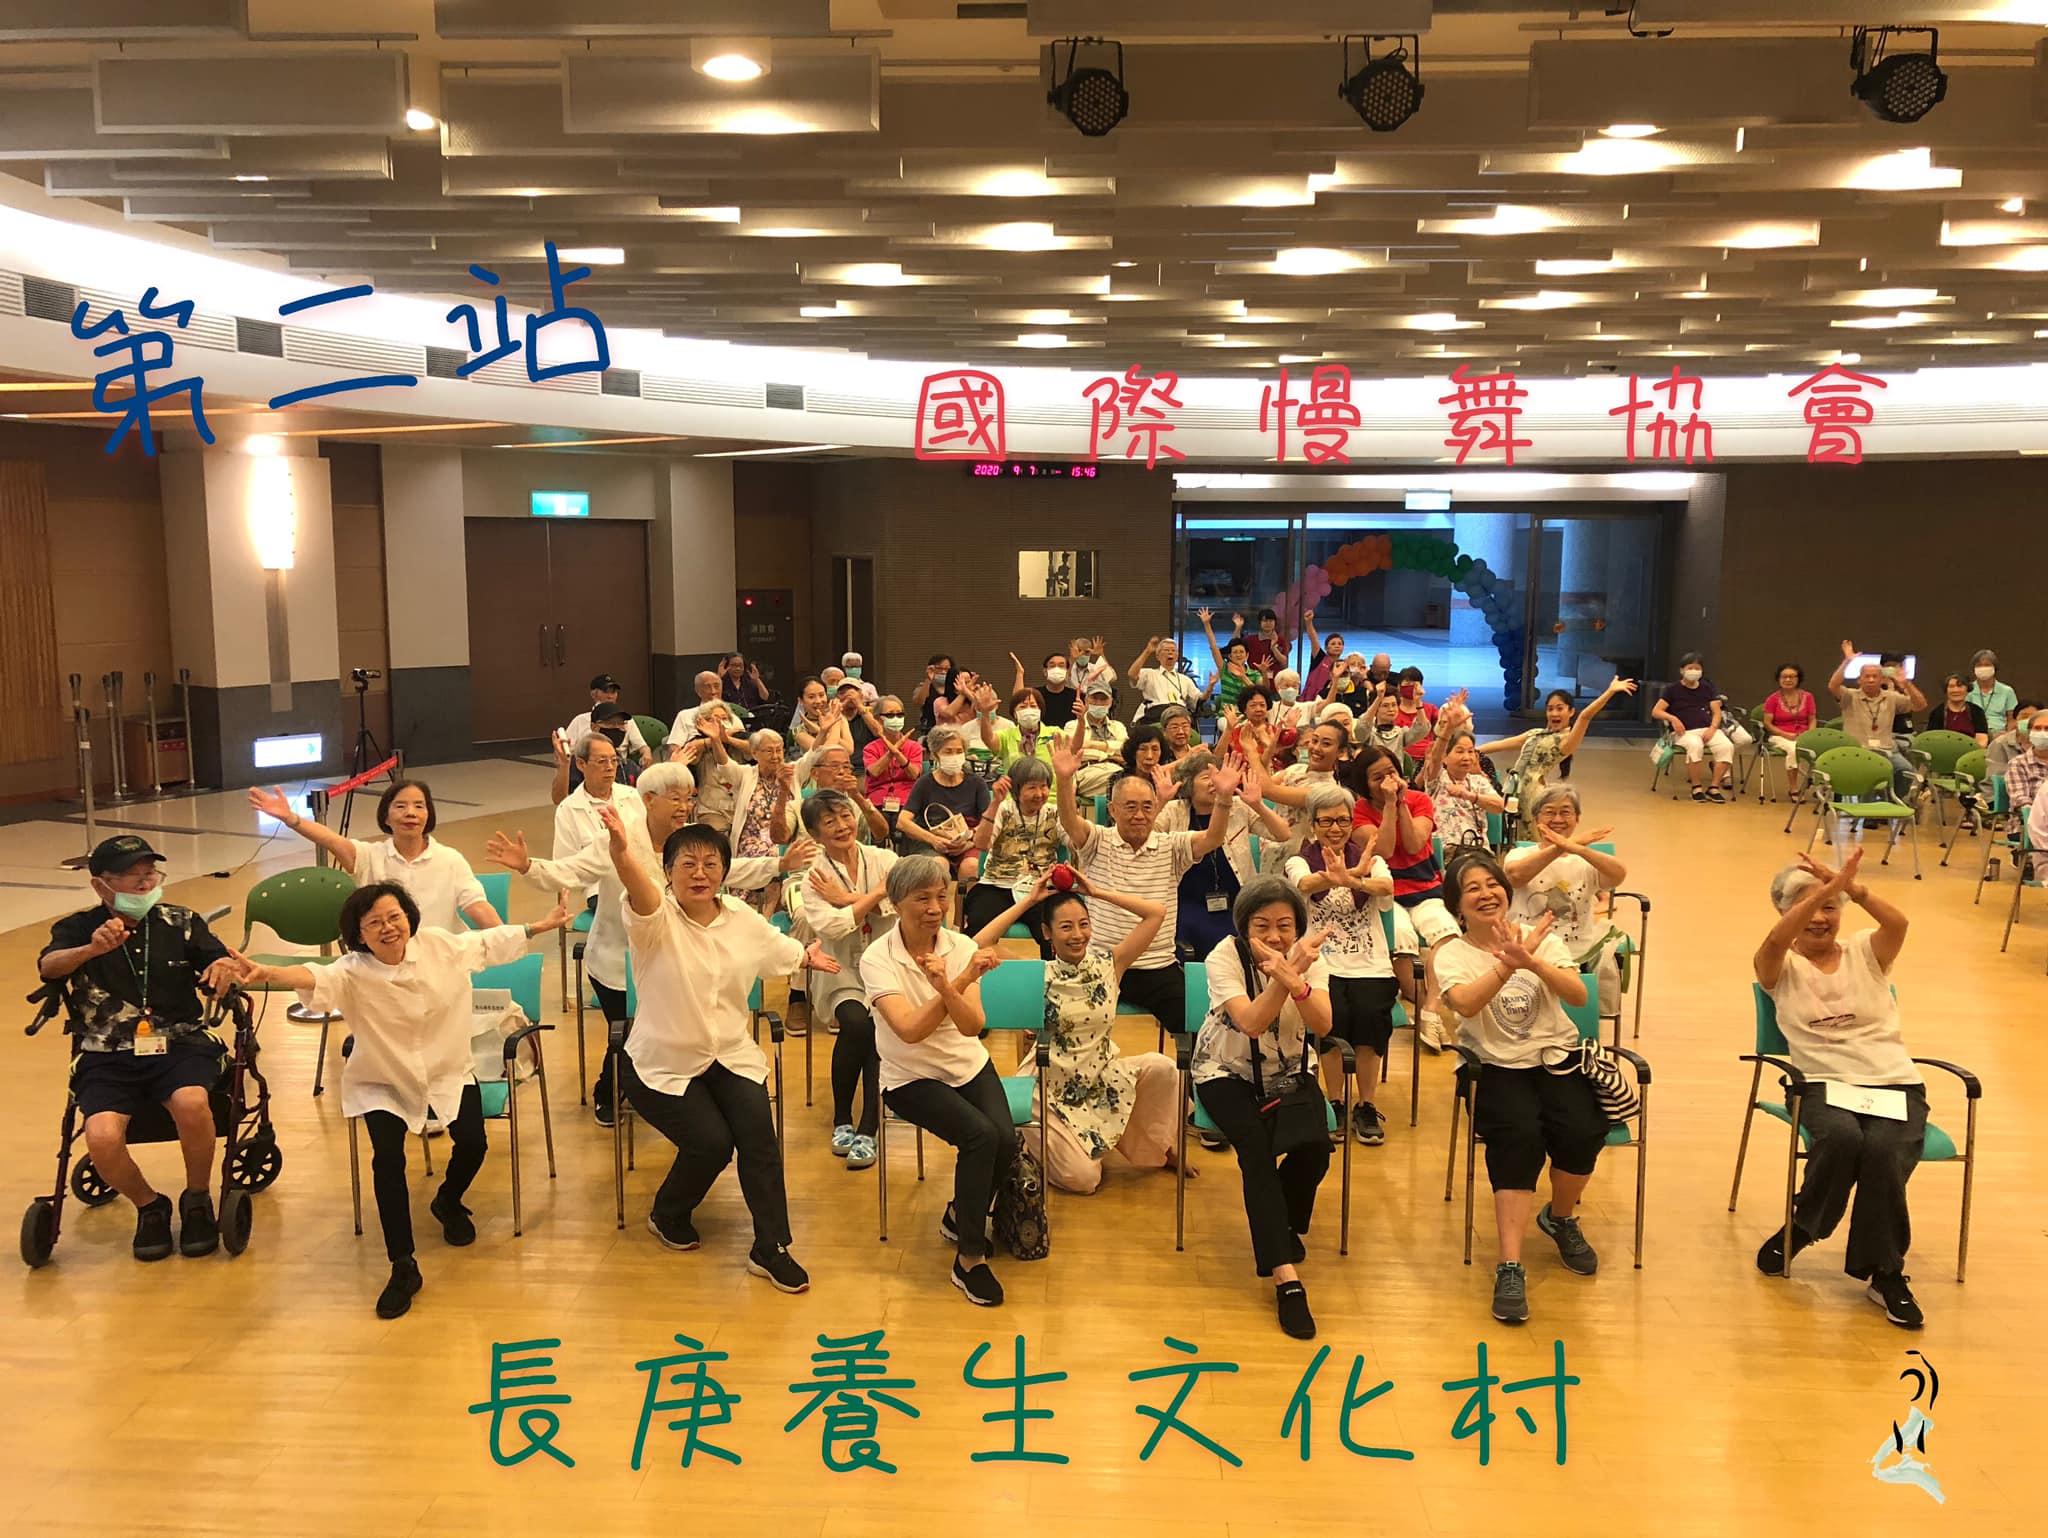 長庚養生村0907-1